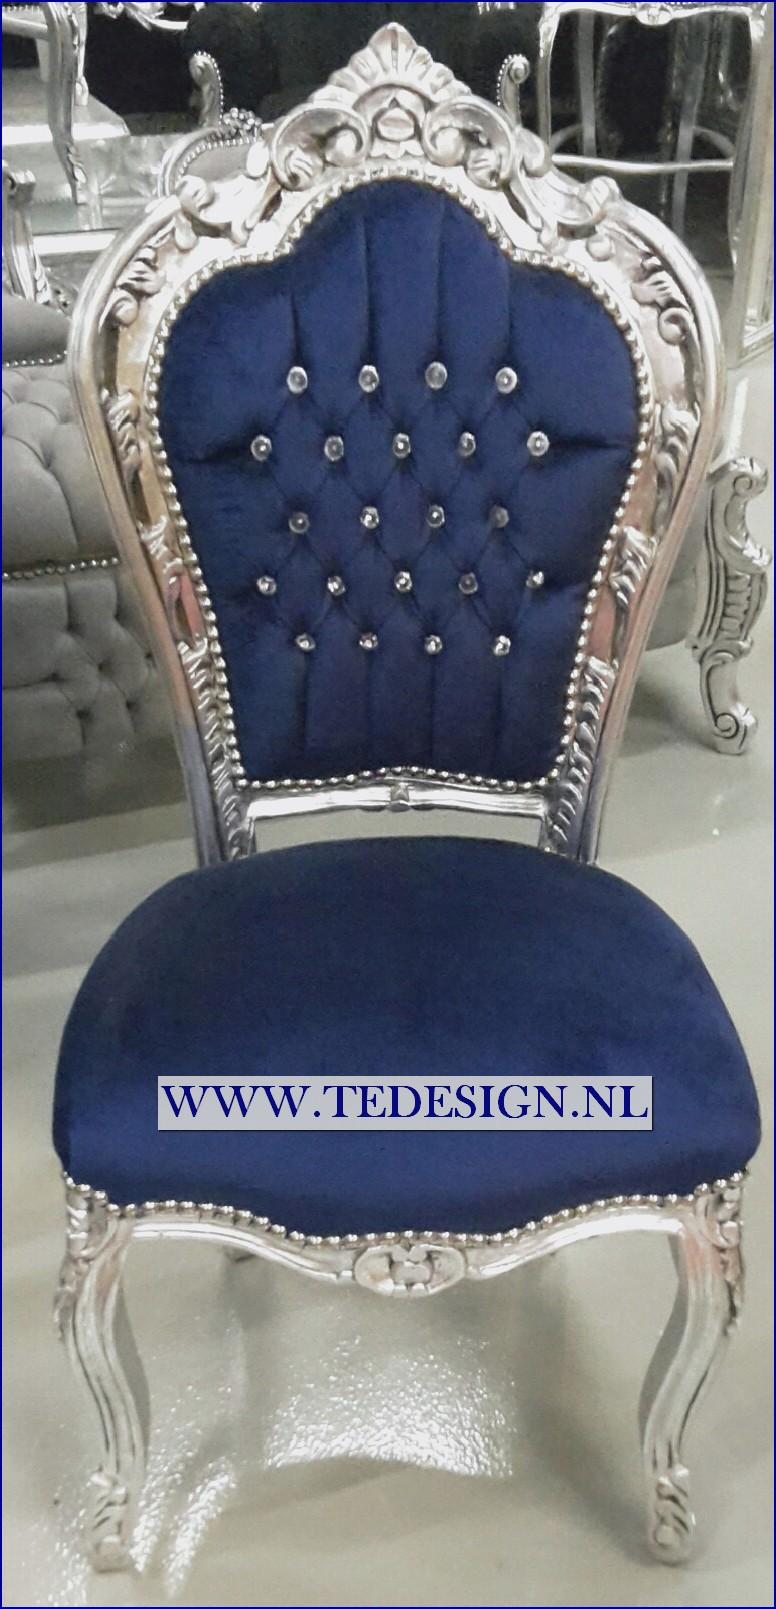 barok eetkamerstoel donkerblauw | Tedesign.nl Barok stoelen